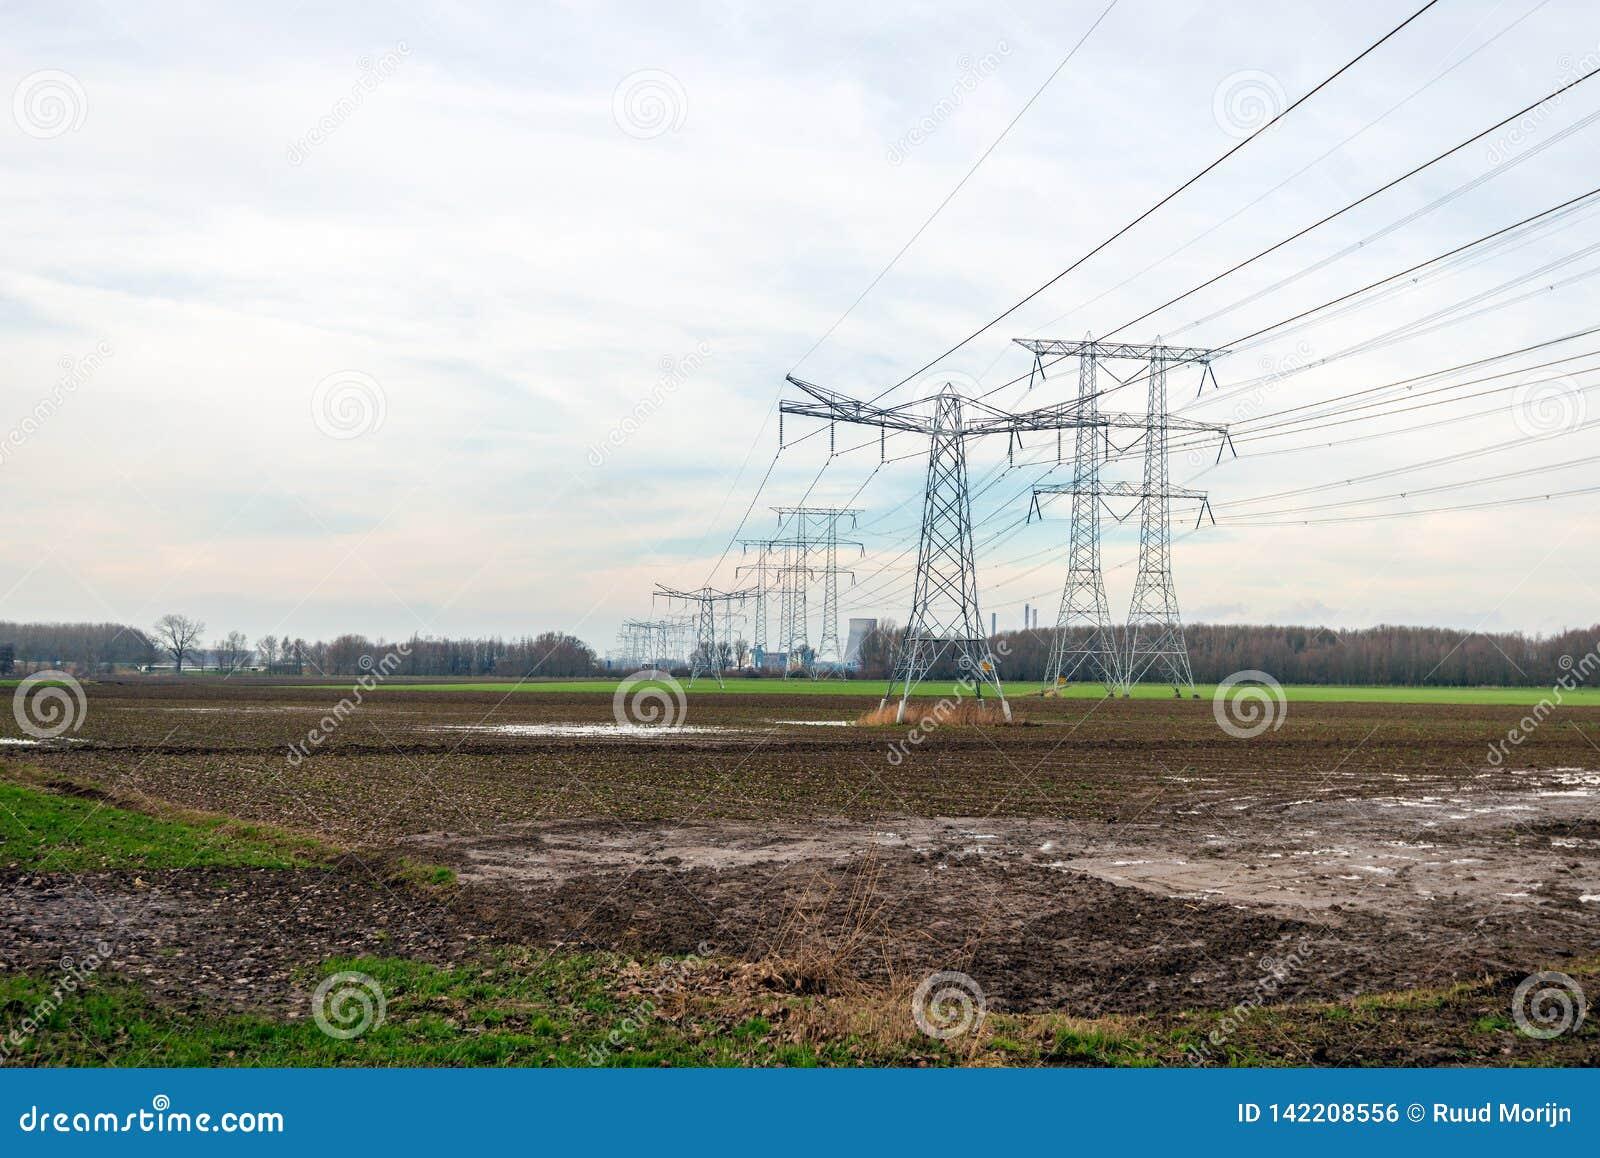 Высоковольтные опоры и линии высокого напряжения для транспортировать электричество от электростанции на заднем плане